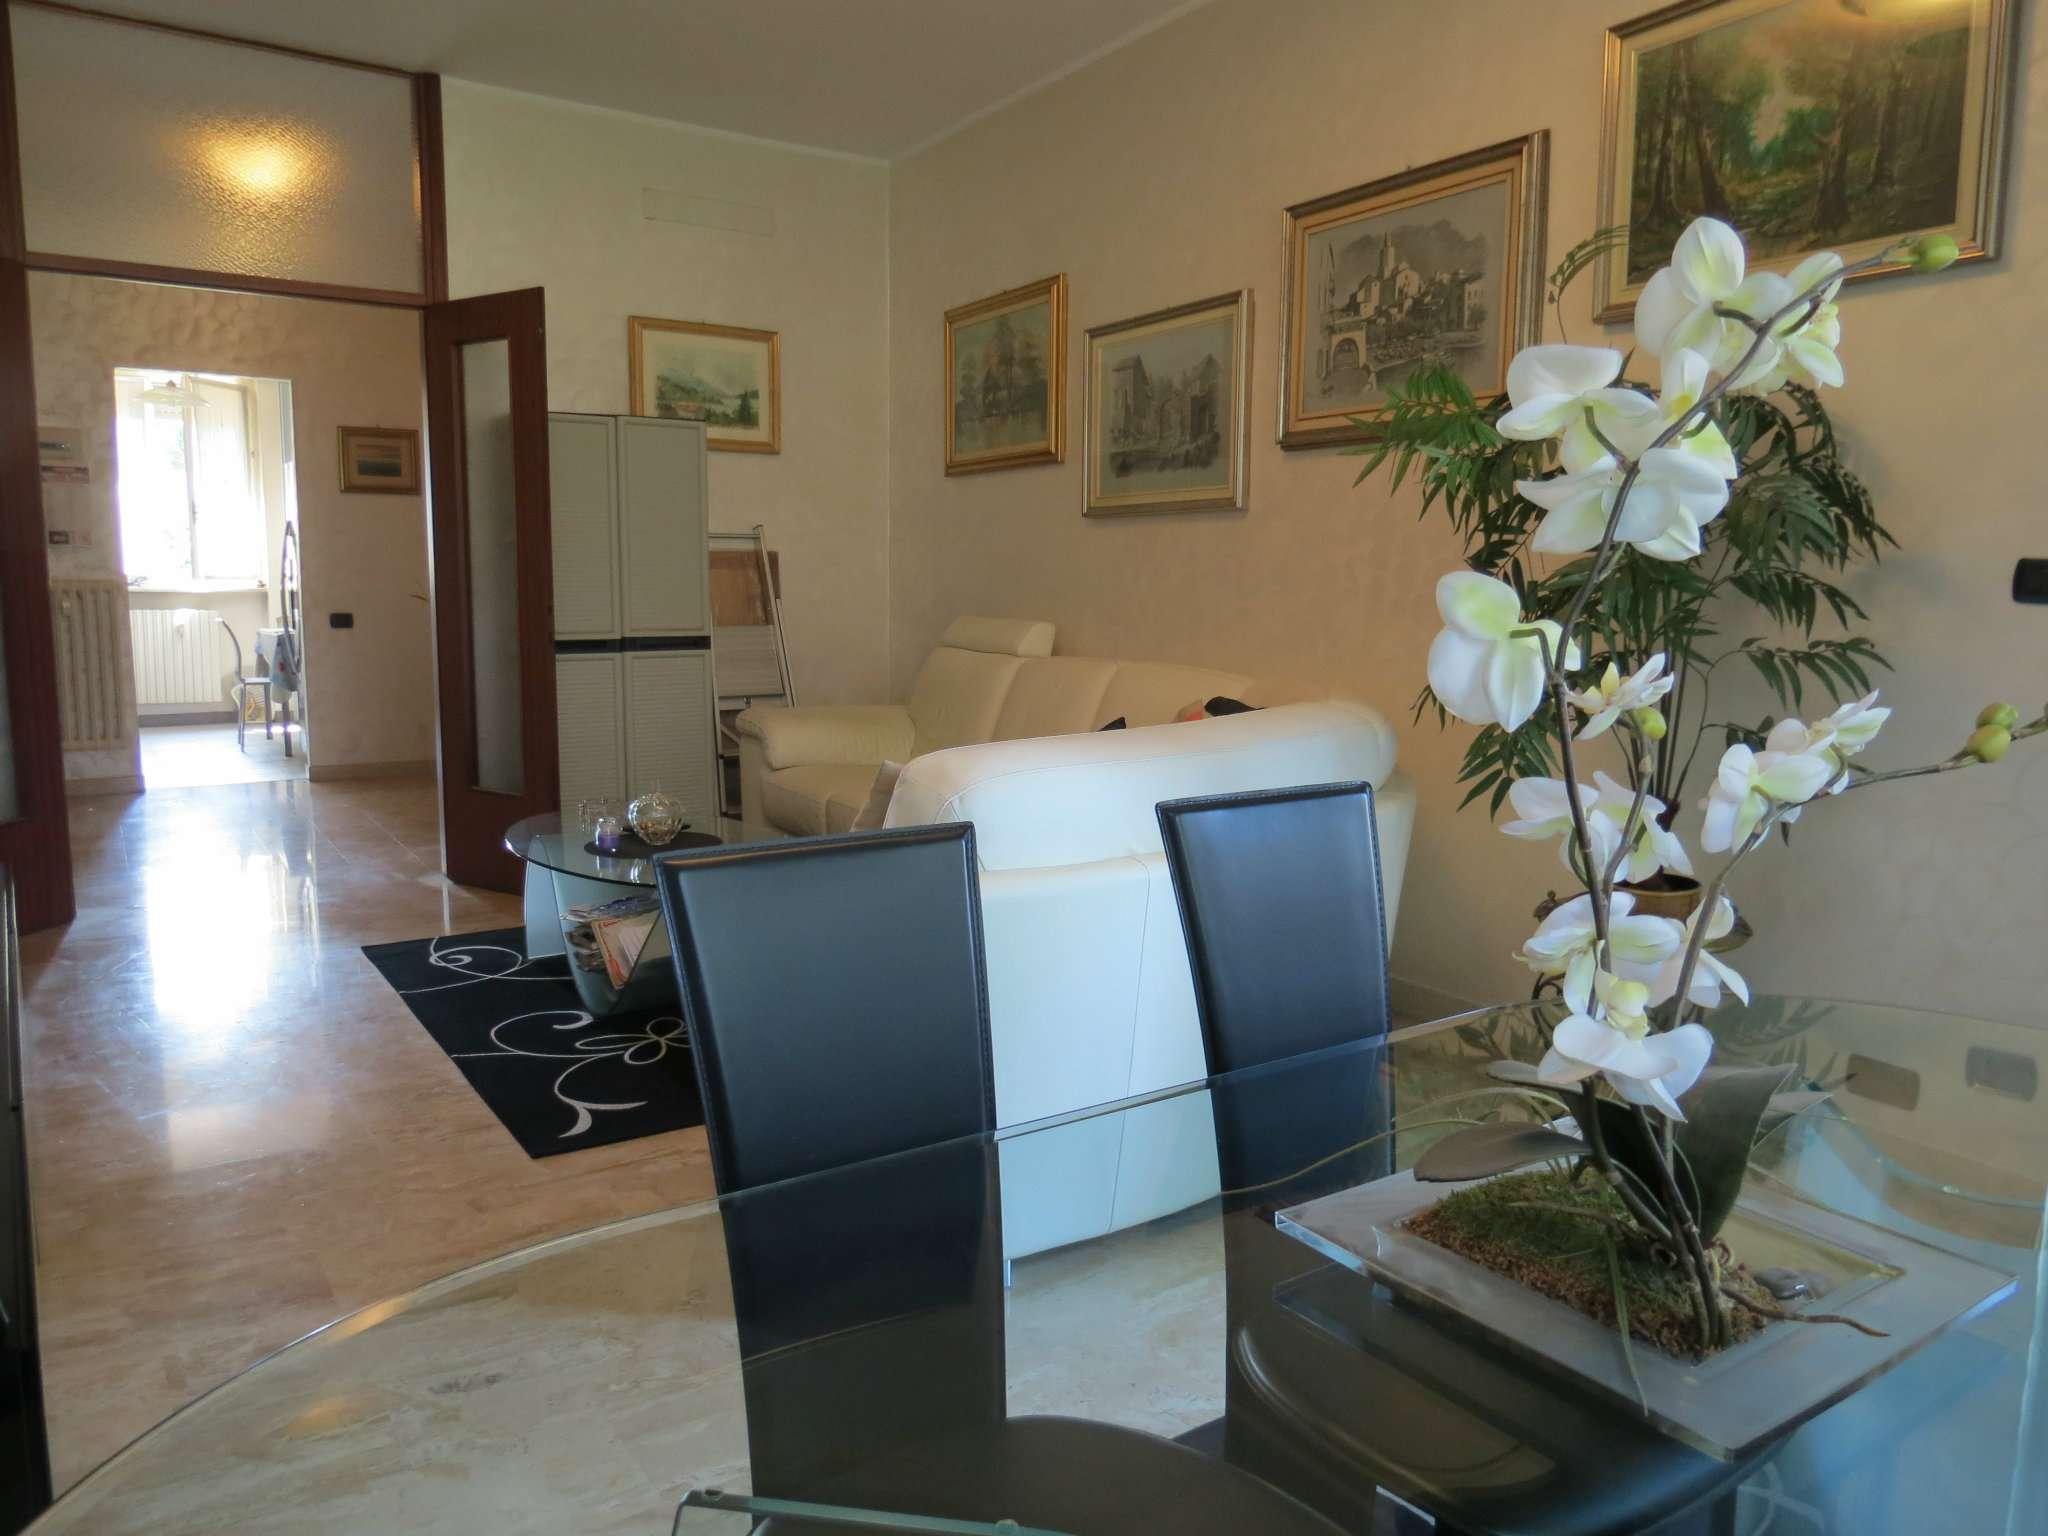 Appartamento in vendita a Cinisello Balsamo, 3 locali, prezzo € 220.000 | PortaleAgenzieImmobiliari.it